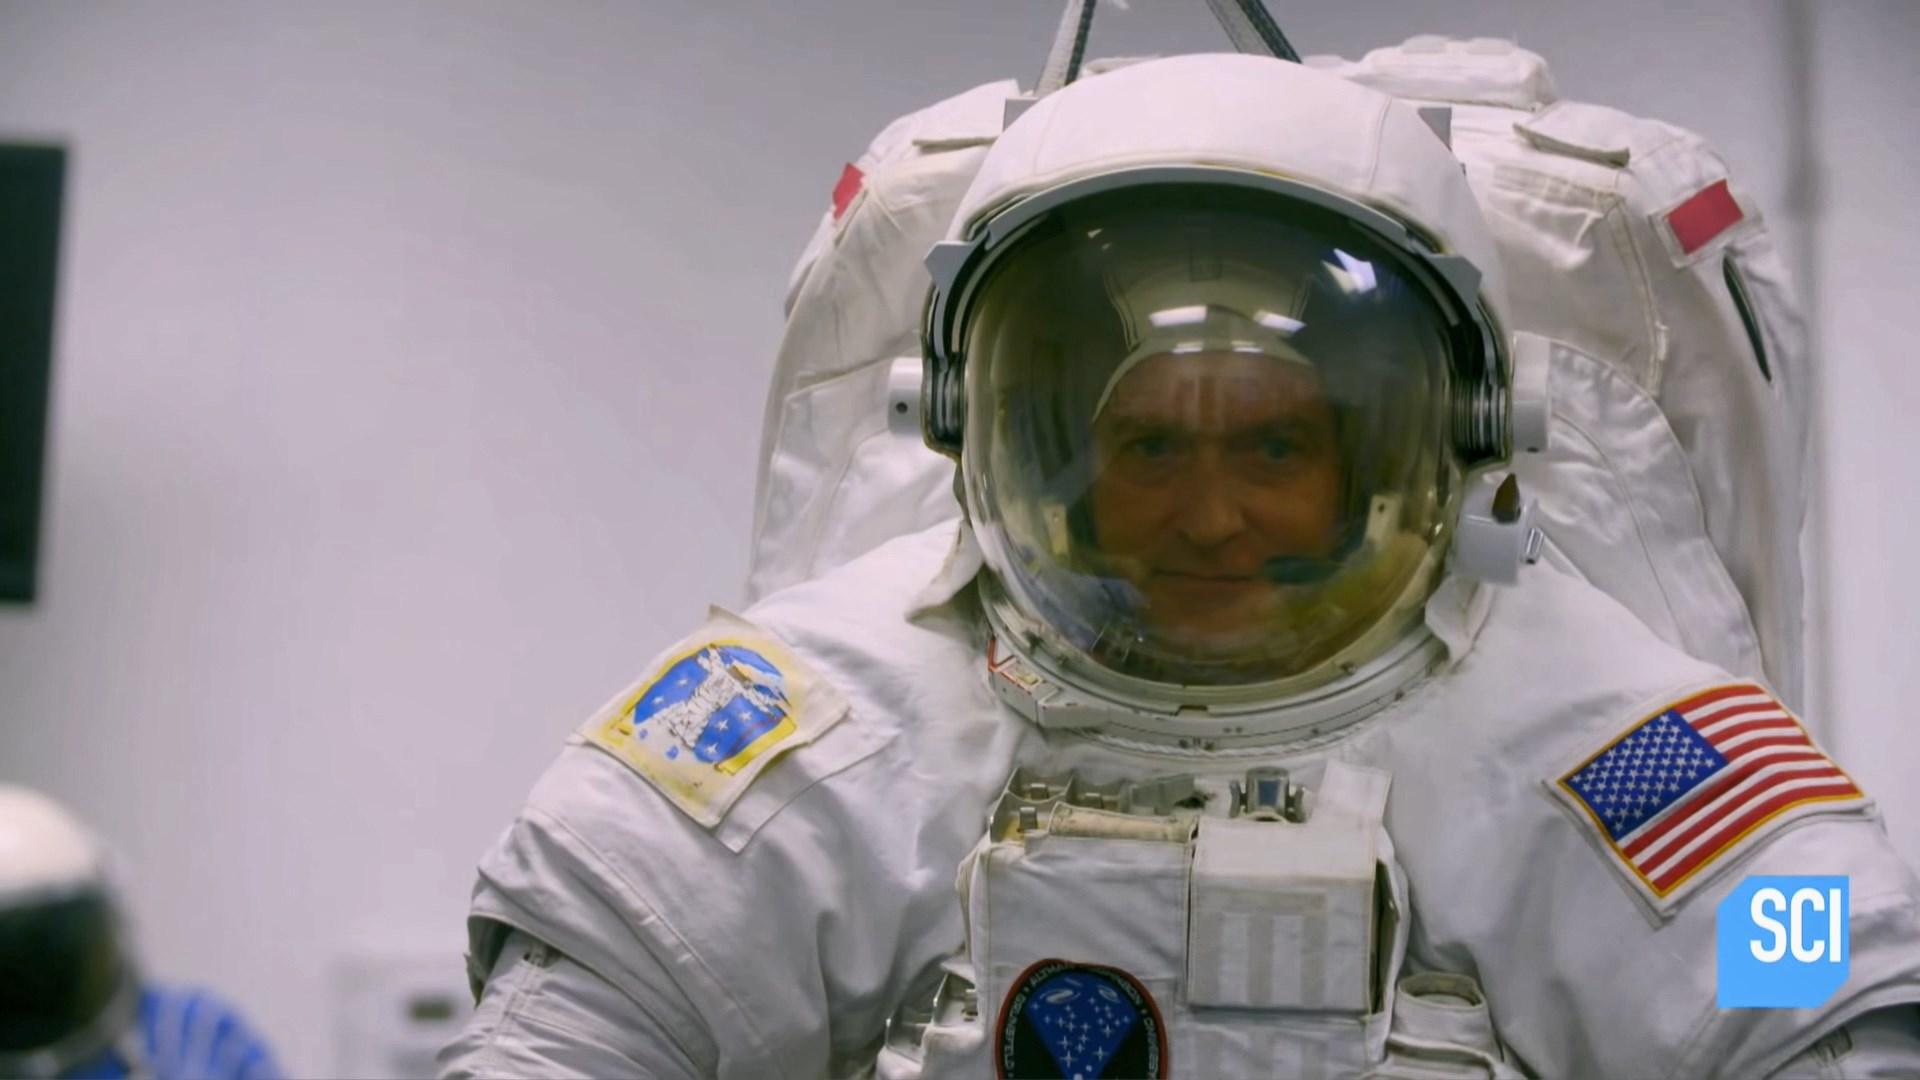 【環球薈報】首次全女班太空漫步因太空衣不稱身取消